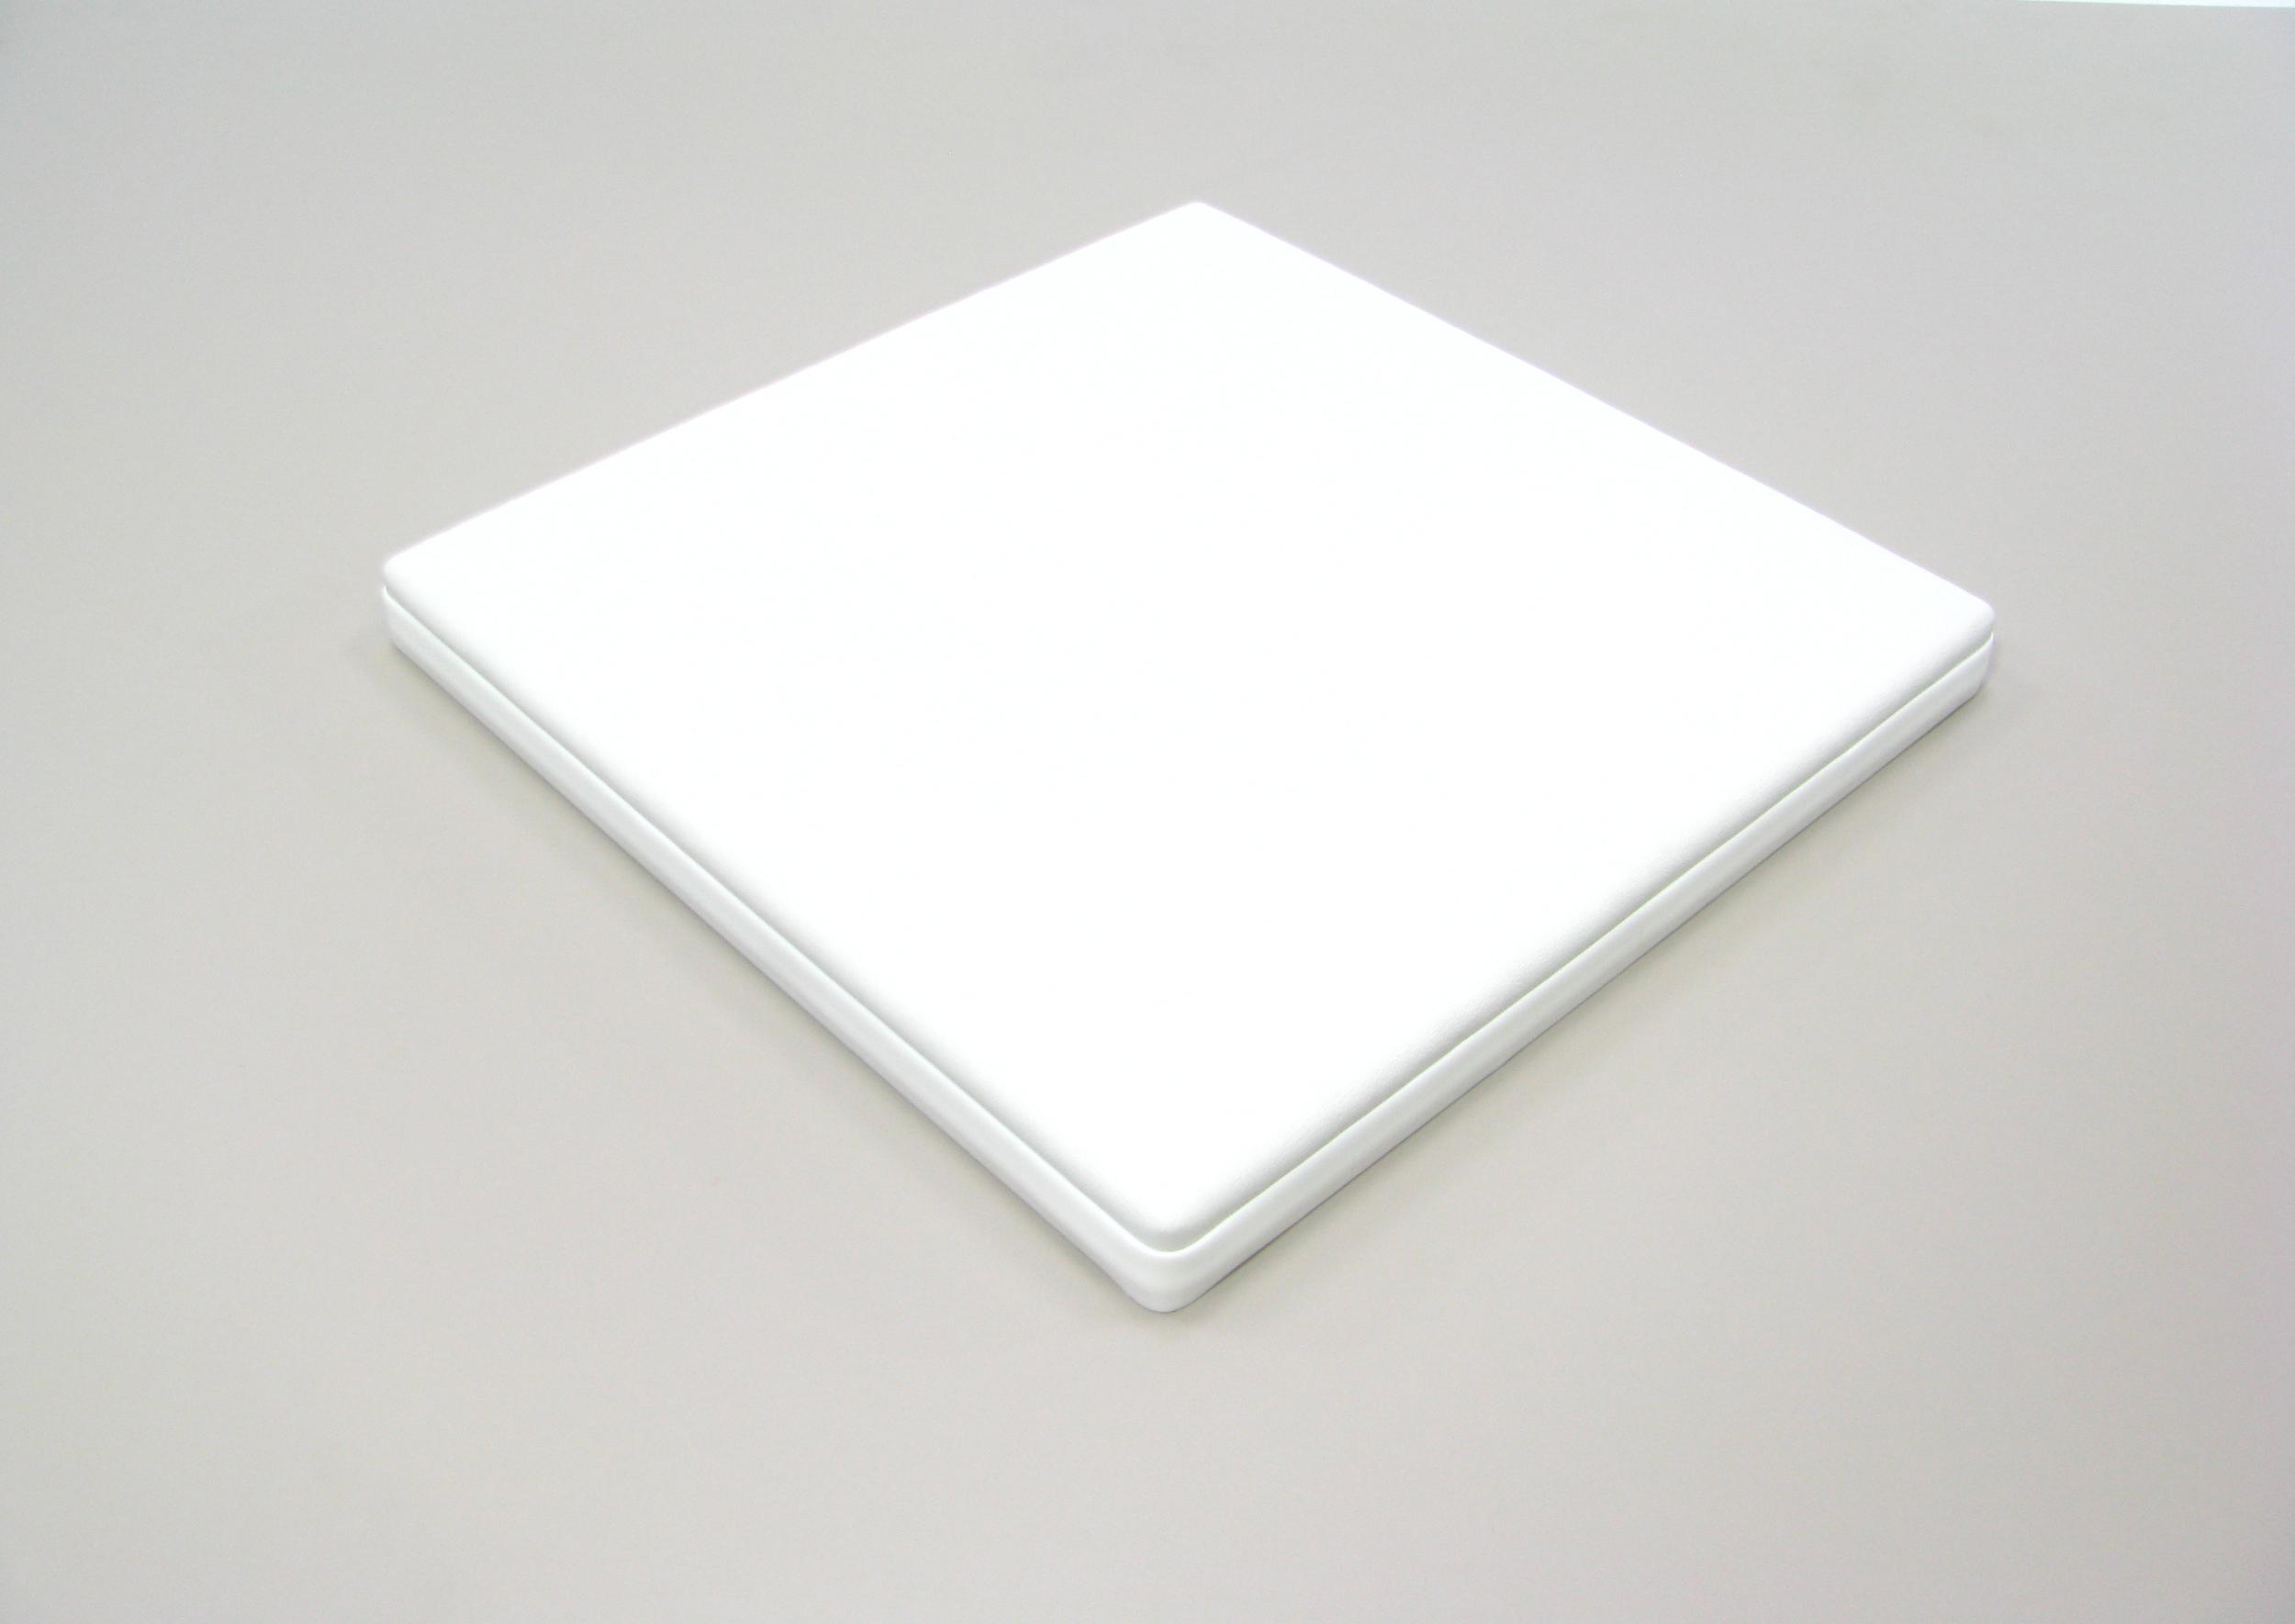 Vinyl Wrap - VW7125